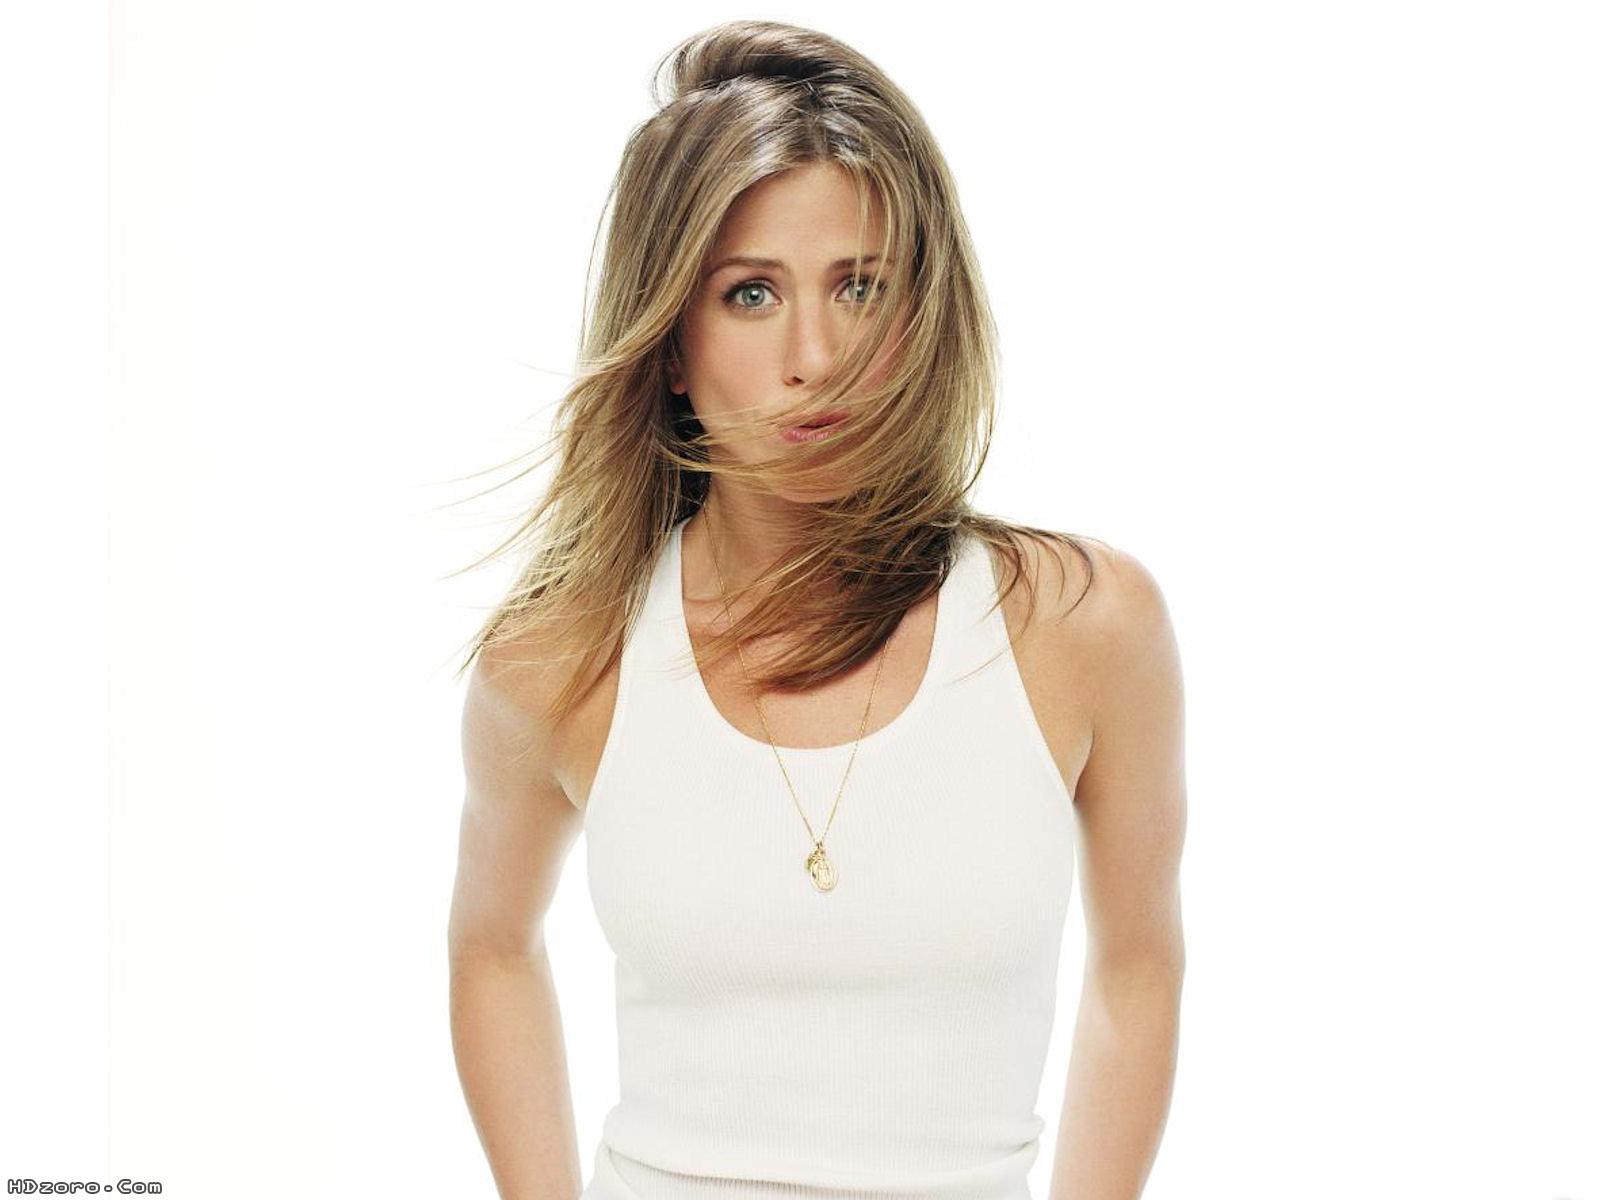 http://2.bp.blogspot.com/-R2aNb_y53So/UUlaPQh8aCI/AAAAAAAARH4/qsCLs3X-F6Q/s1600/Jennifer+Aniston+5.jpg